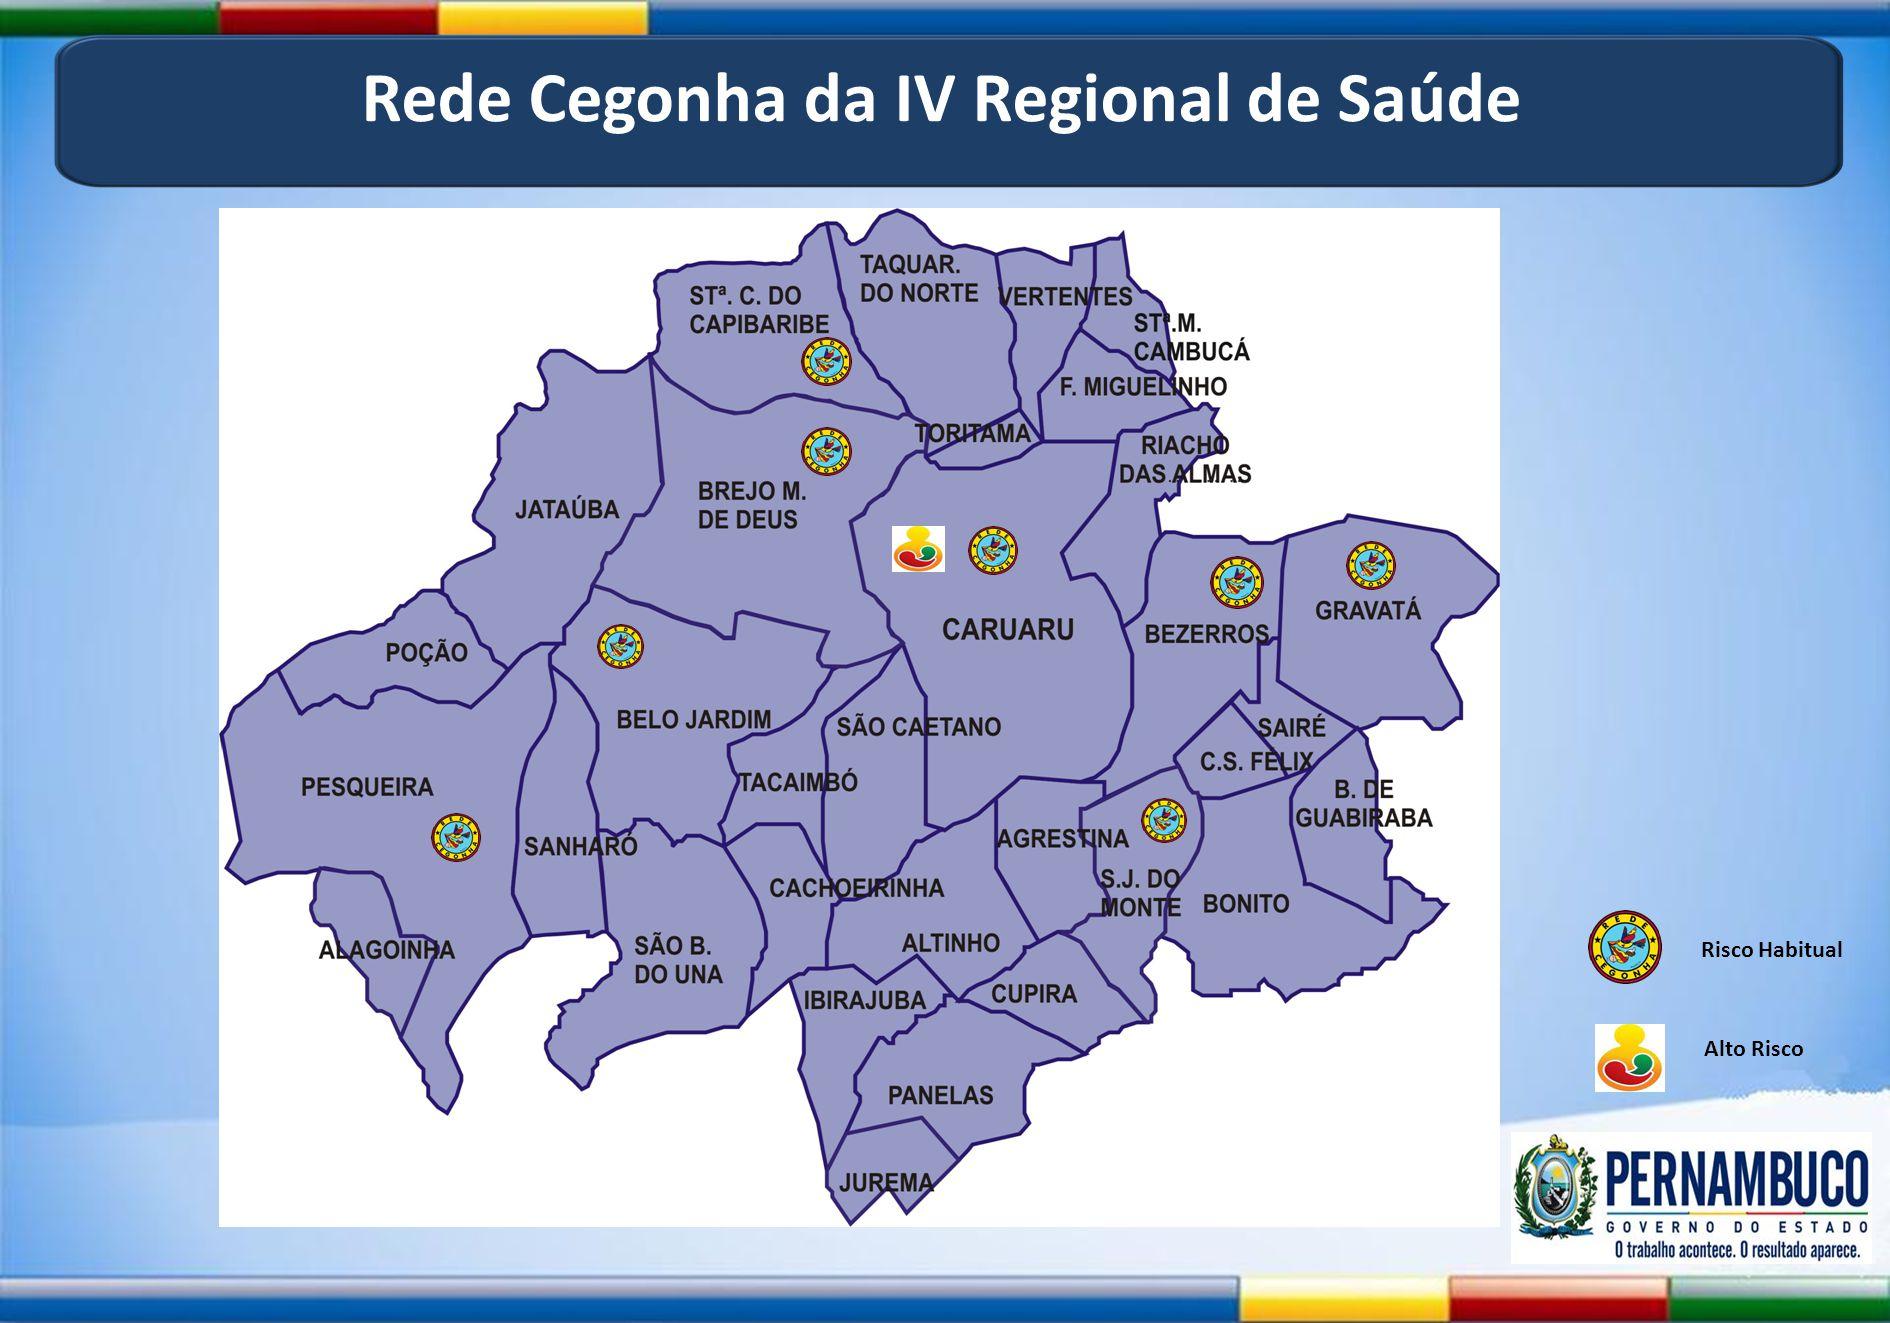 Hospital São Sebastião EspecialidadesNº Leitos Clinica Médica58 Isolamento02 Cuidados Paliativos14 Total74 Investimentos R$ 7.120.000,00 ( Obras=5.000.000,00 + Equipamentos=920.000,00 + Mobiliário=1.200.000,00)